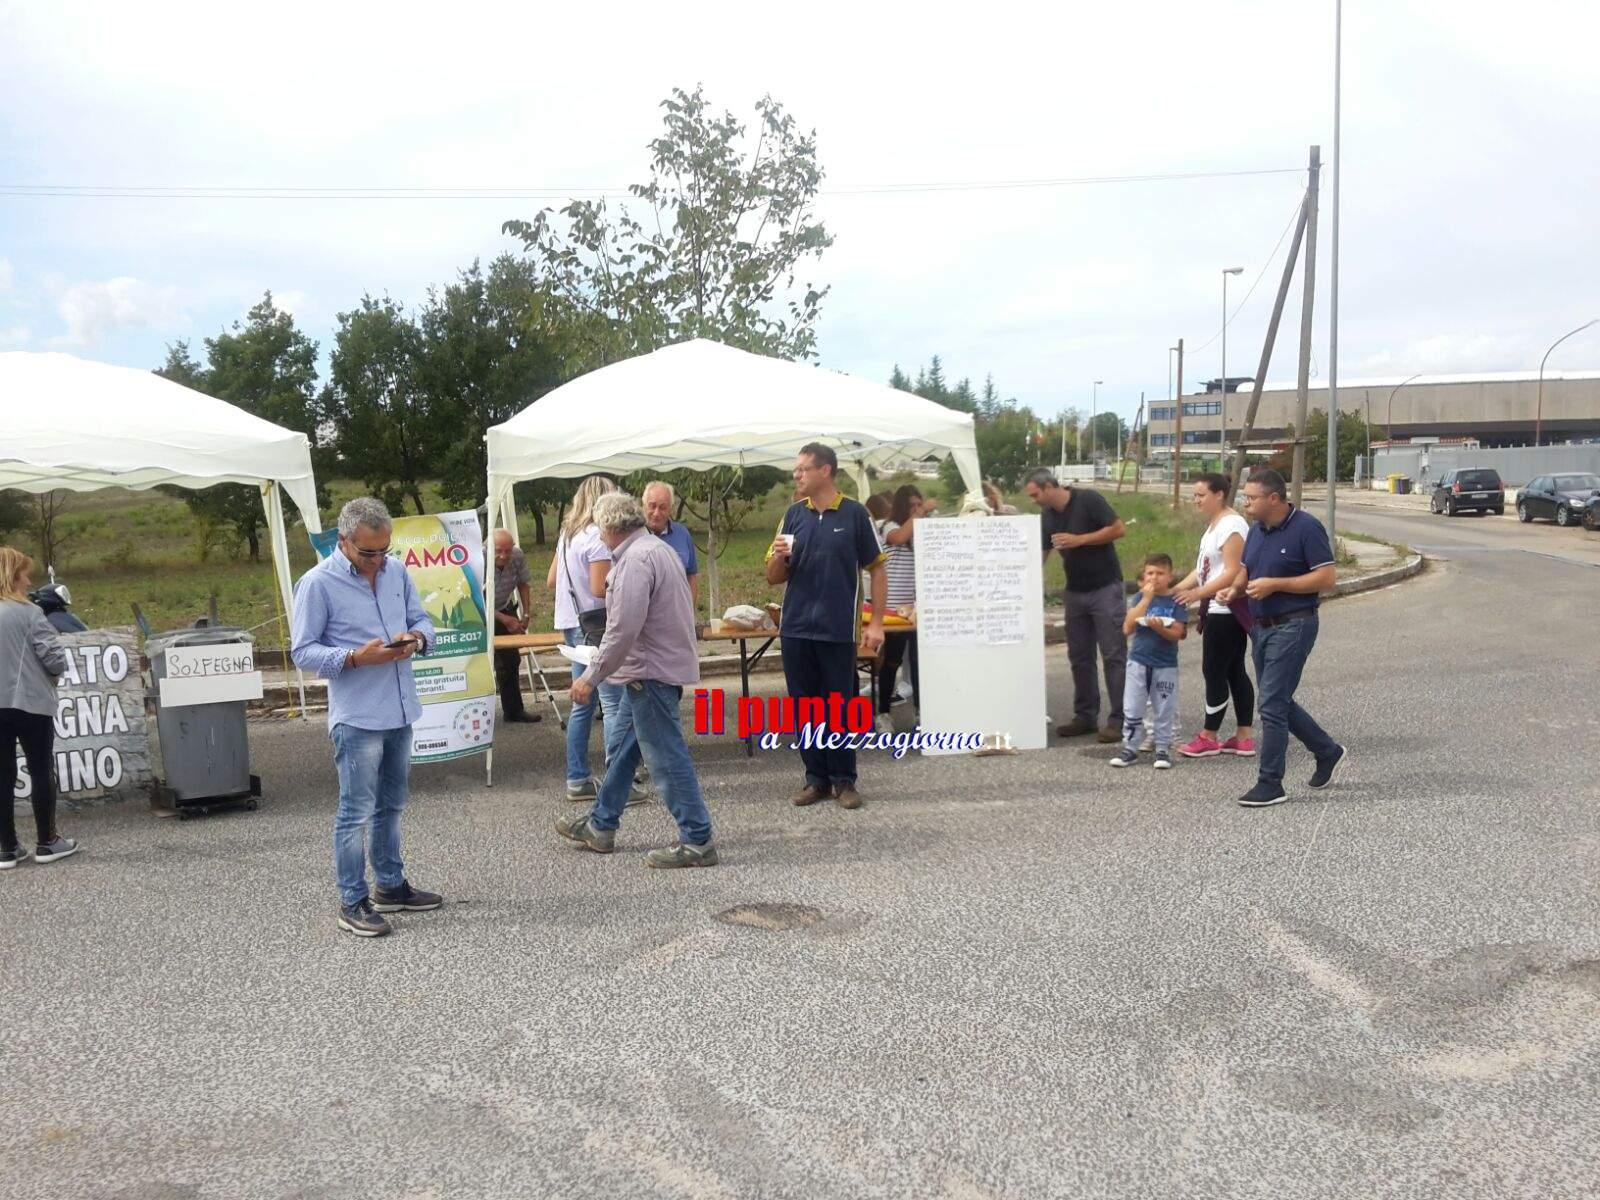 Cassino: Prima giornata ecologica in contrada Solfegna e Cerro